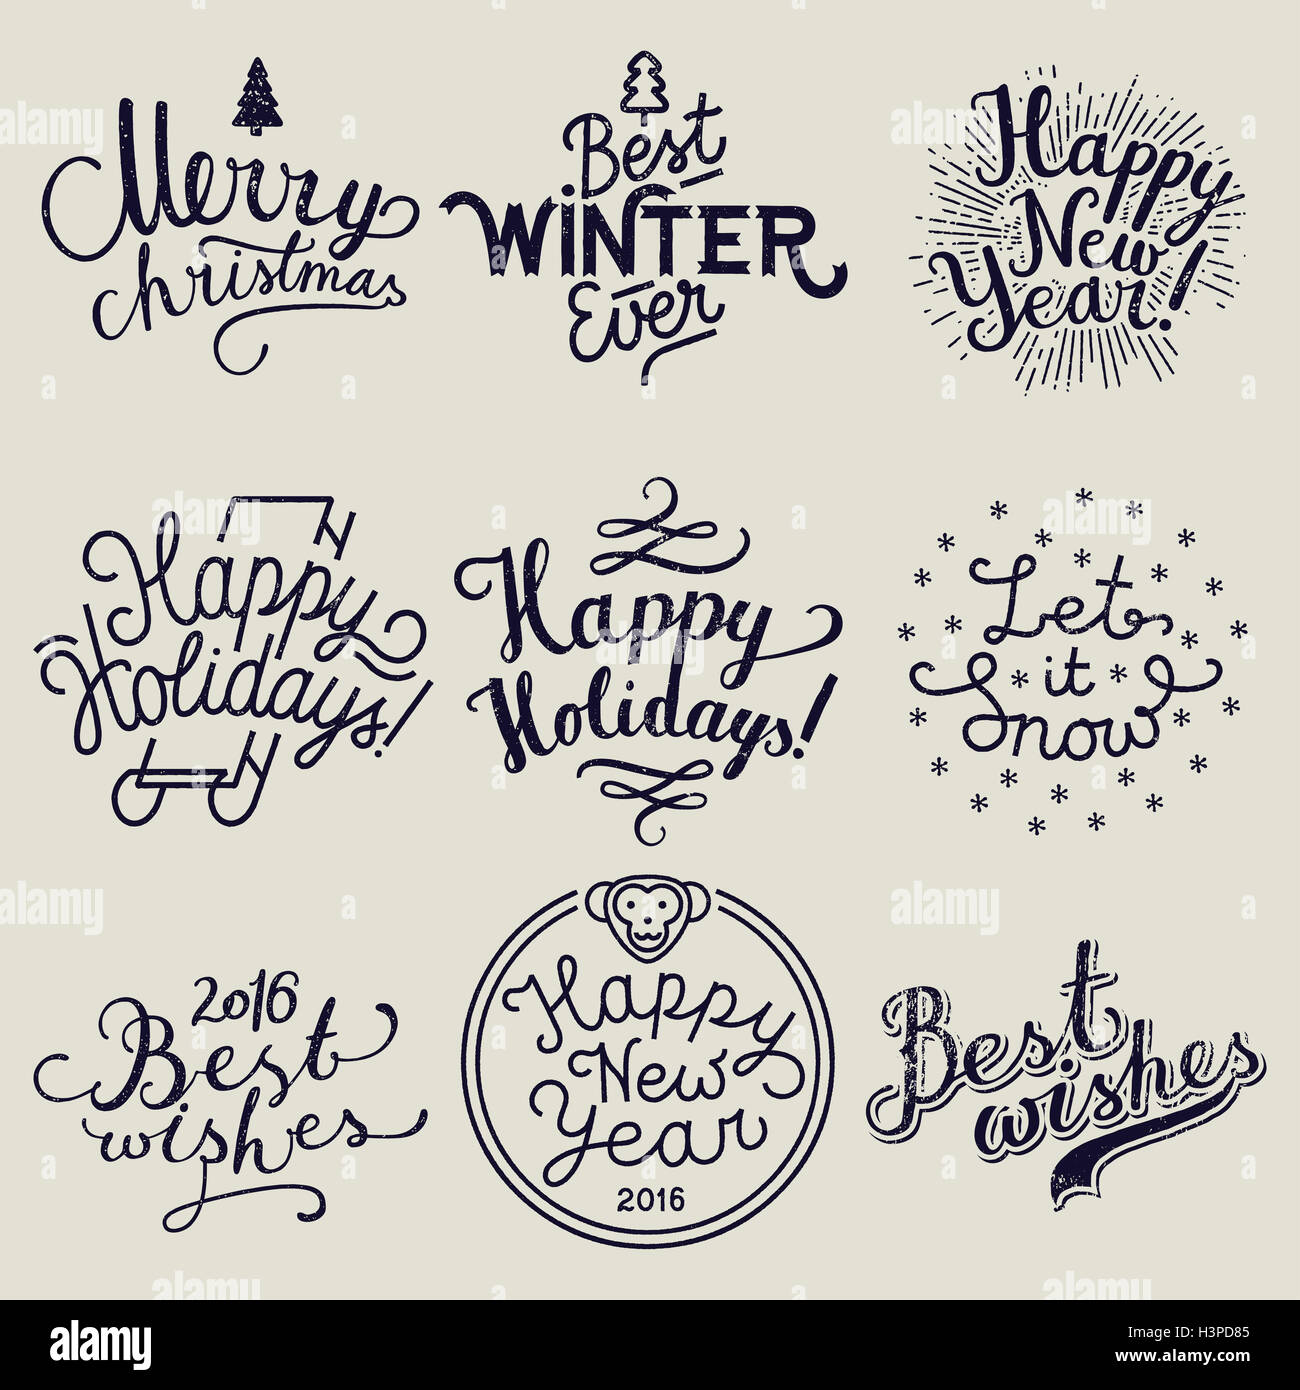 Beste Weihnachtslieder Aller Zeiten.Bestes Weihnachts Aller Zeiten Stockfotos Bestes Weihnachts Aller